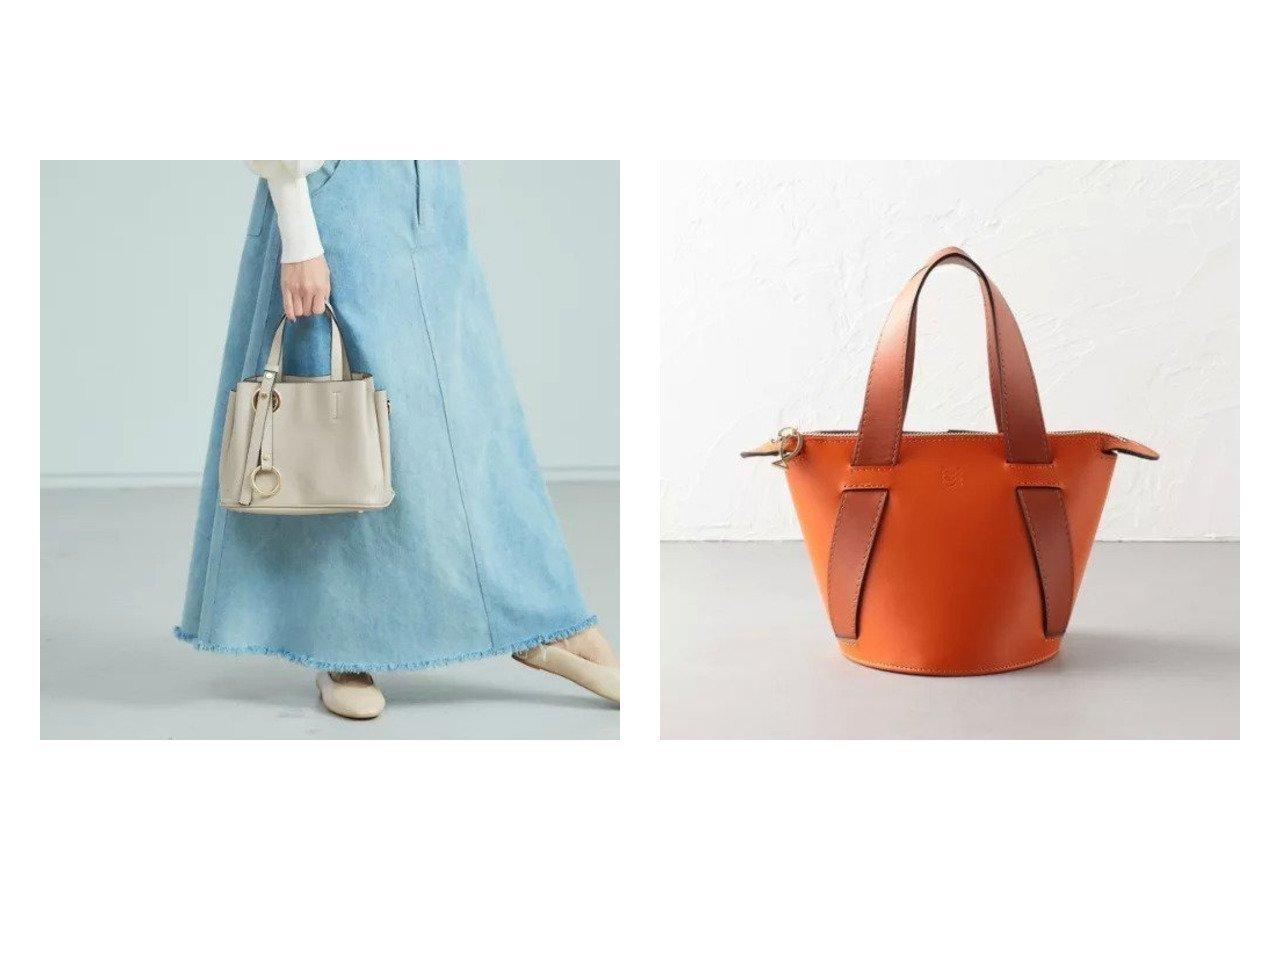 【Odette e Odile/オデット エ オディール】の【別注】ALMIRA Bucket Bag&【Rouge vif/ルージュ ヴィフ】の【Avancer】2wayリングタッセル付きハンドバッグ バッグ・鞄のおすすめ!人気、トレンド・レディースファッションの通販 おすすめで人気の流行・トレンド、ファッションの通販商品 メンズファッション・キッズファッション・インテリア・家具・レディースファッション・服の通販 founy(ファニー) https://founy.com/ ファッション Fashion レディースファッション WOMEN バッグ Bag ショルダー シンプル トレンド ハンドバッグ ベーシック ポケット 別注 |ID:crp329100000015351